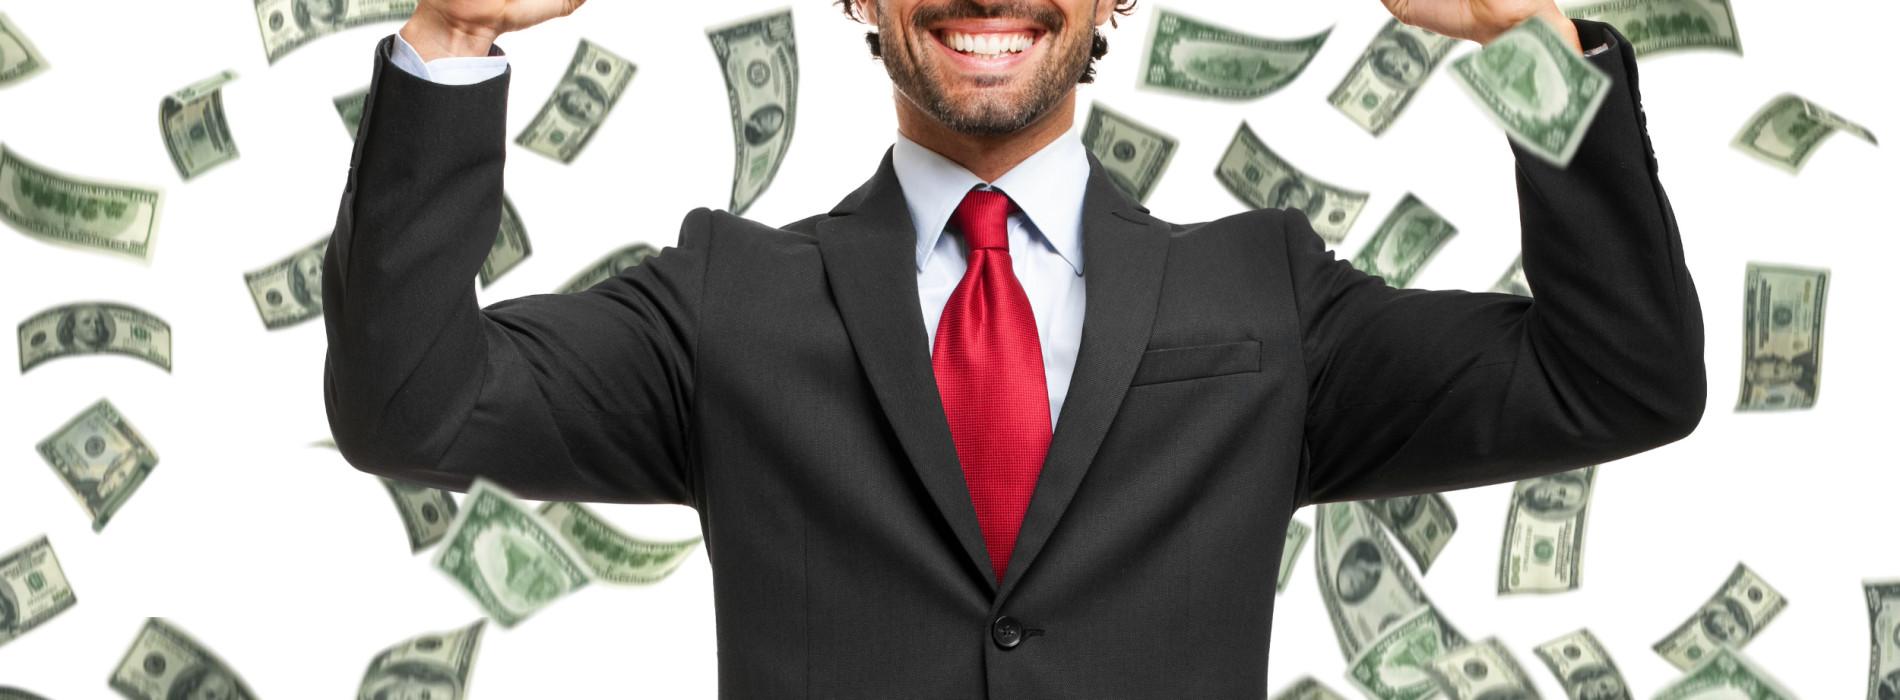 Na jaki kredyt mogą liczyć profesjonaliści?